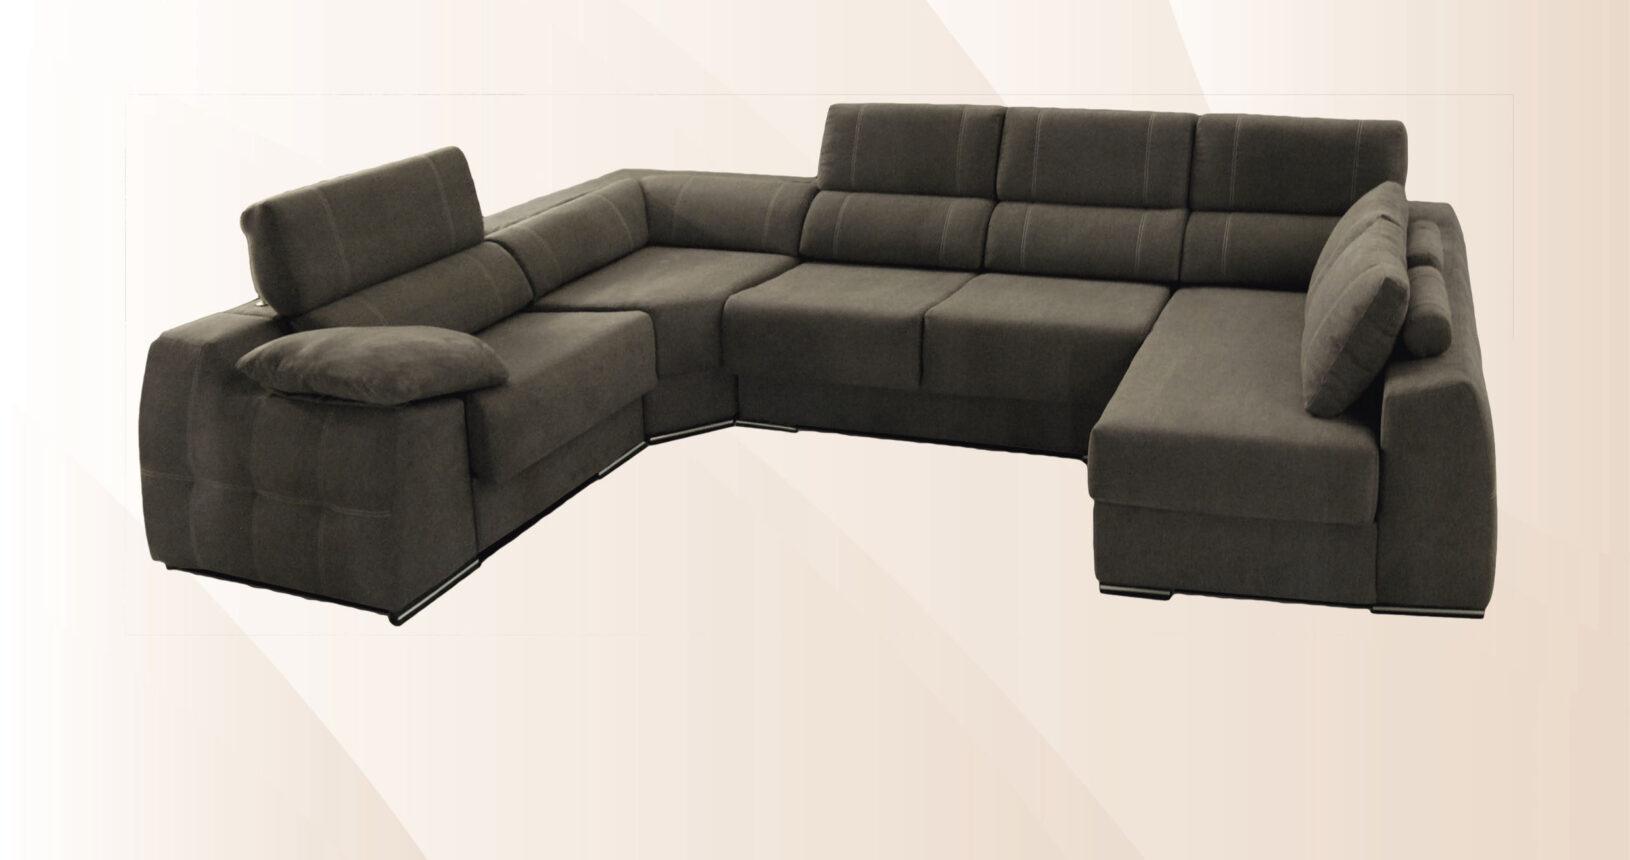 descanso sofás mia mundococina.eu